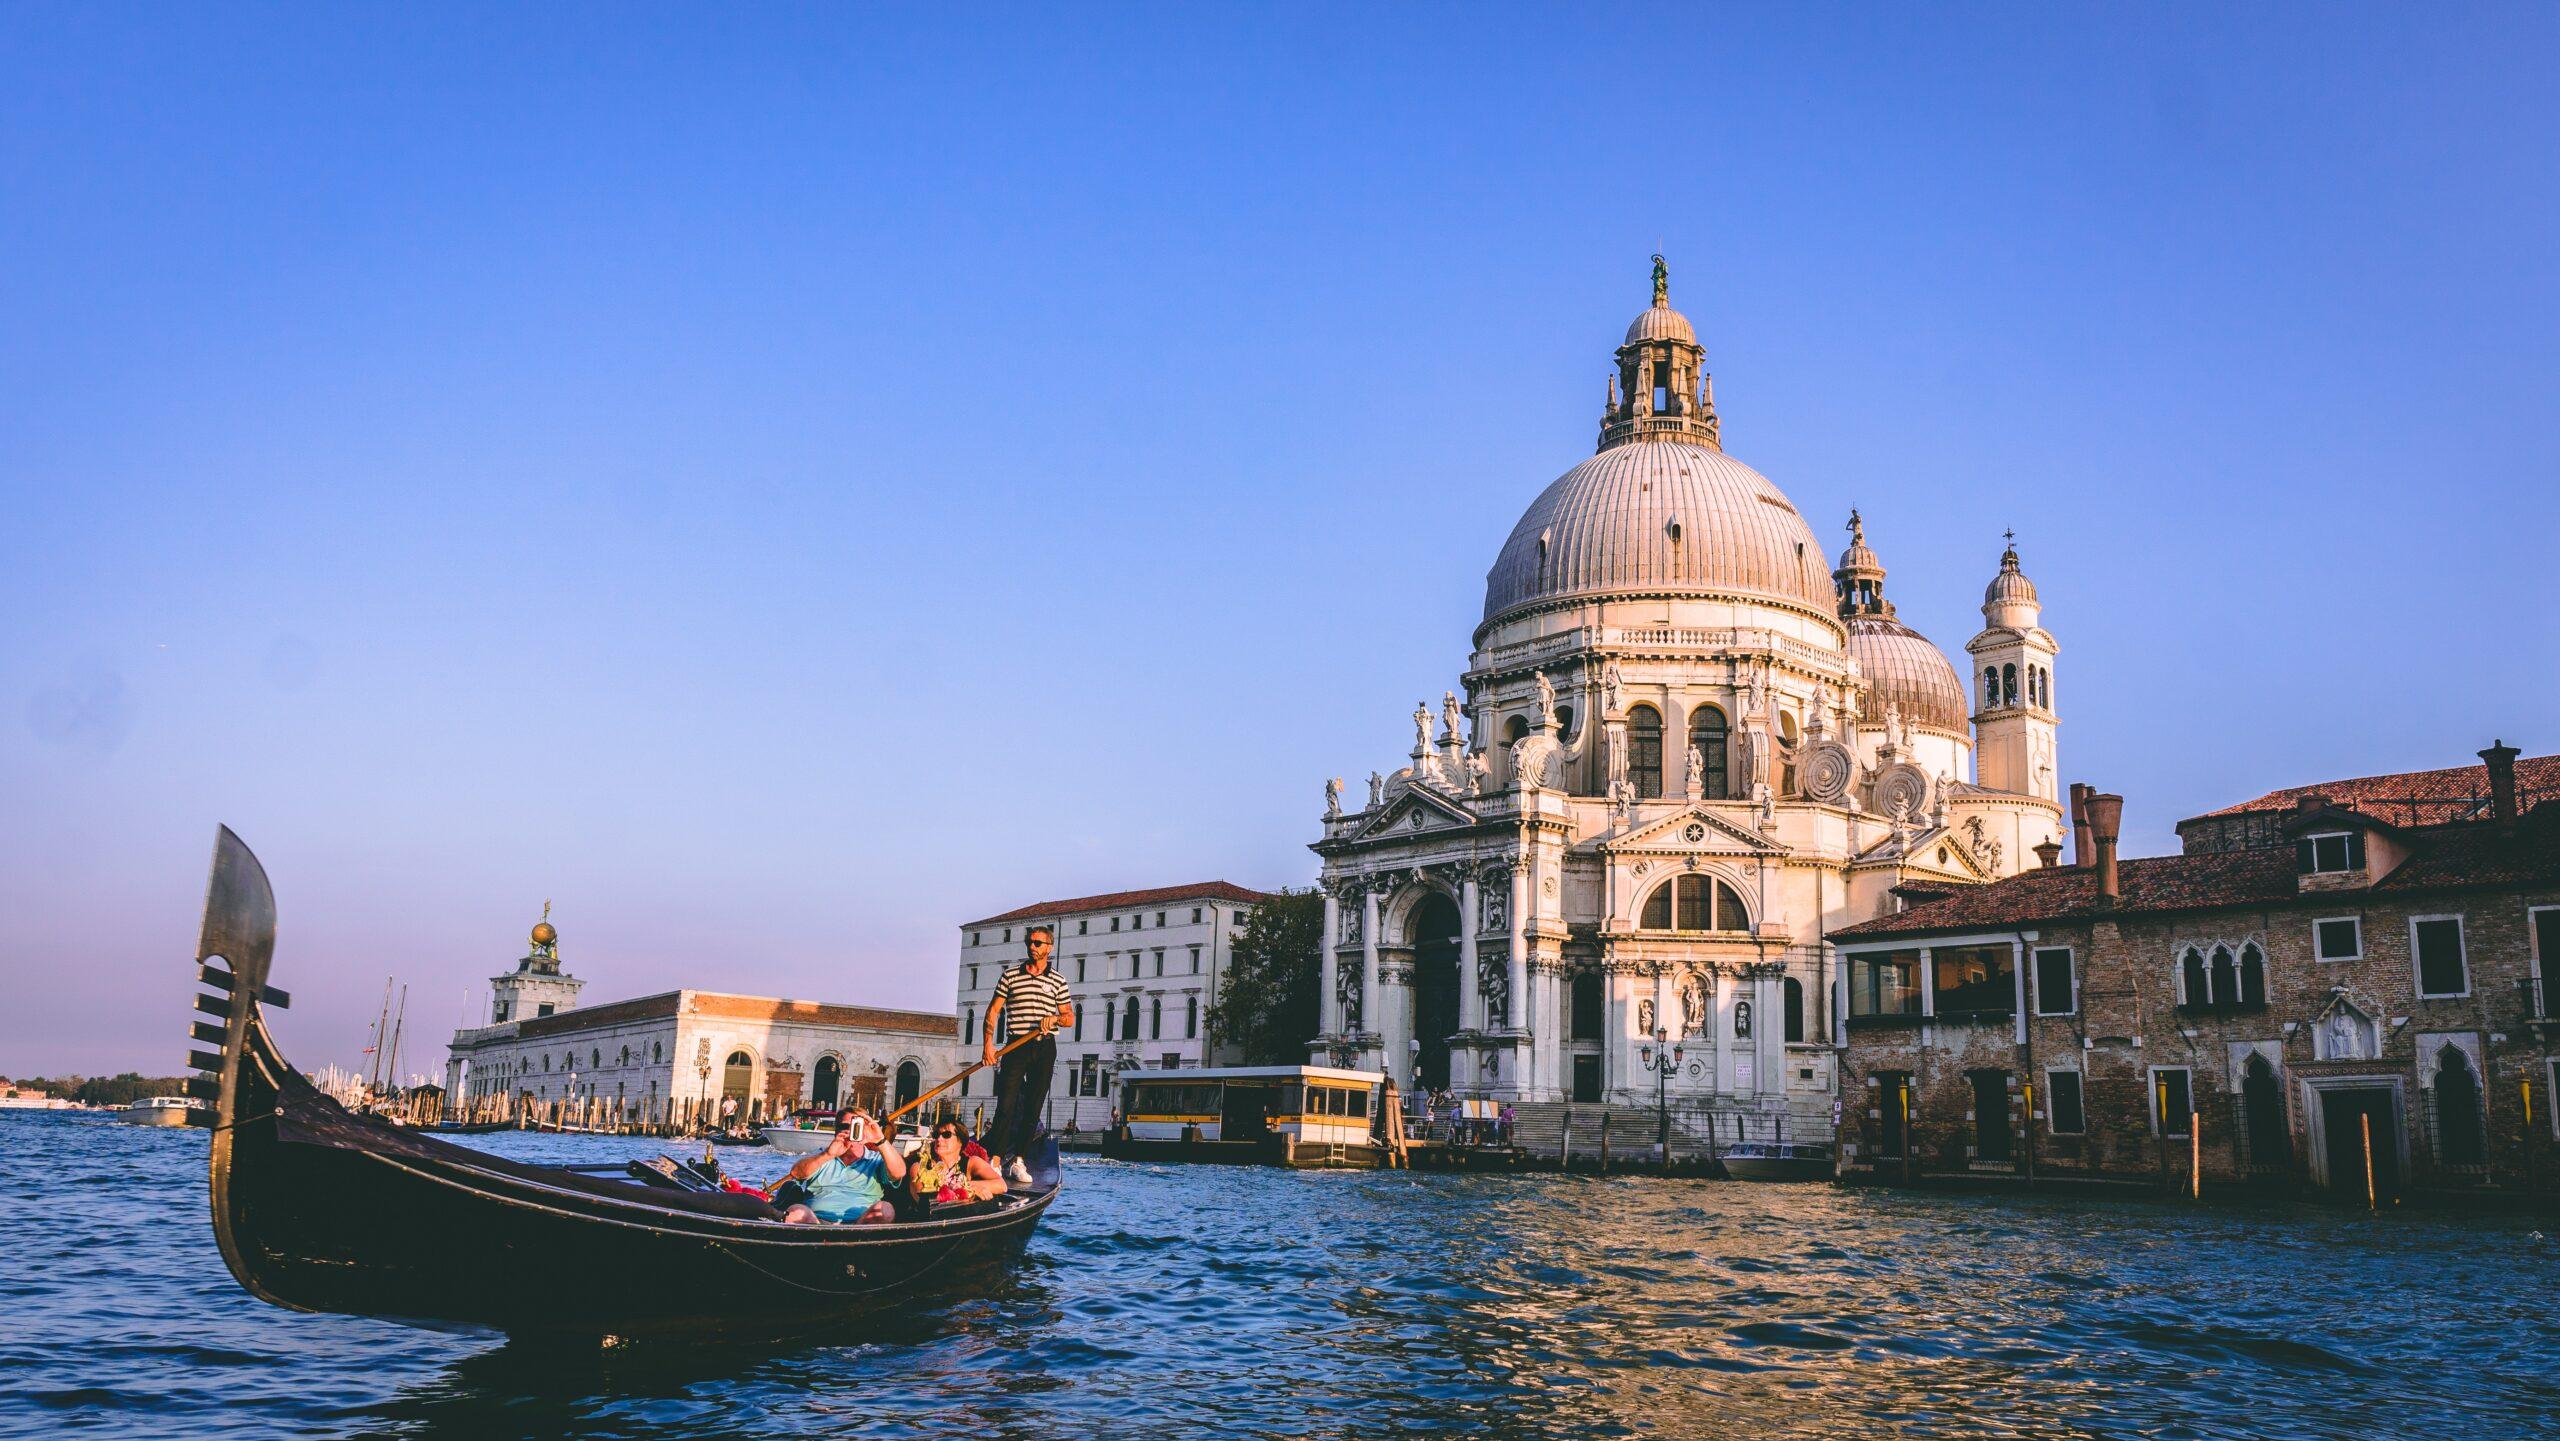 Il nuovo progetto che celebra la città di Venezia